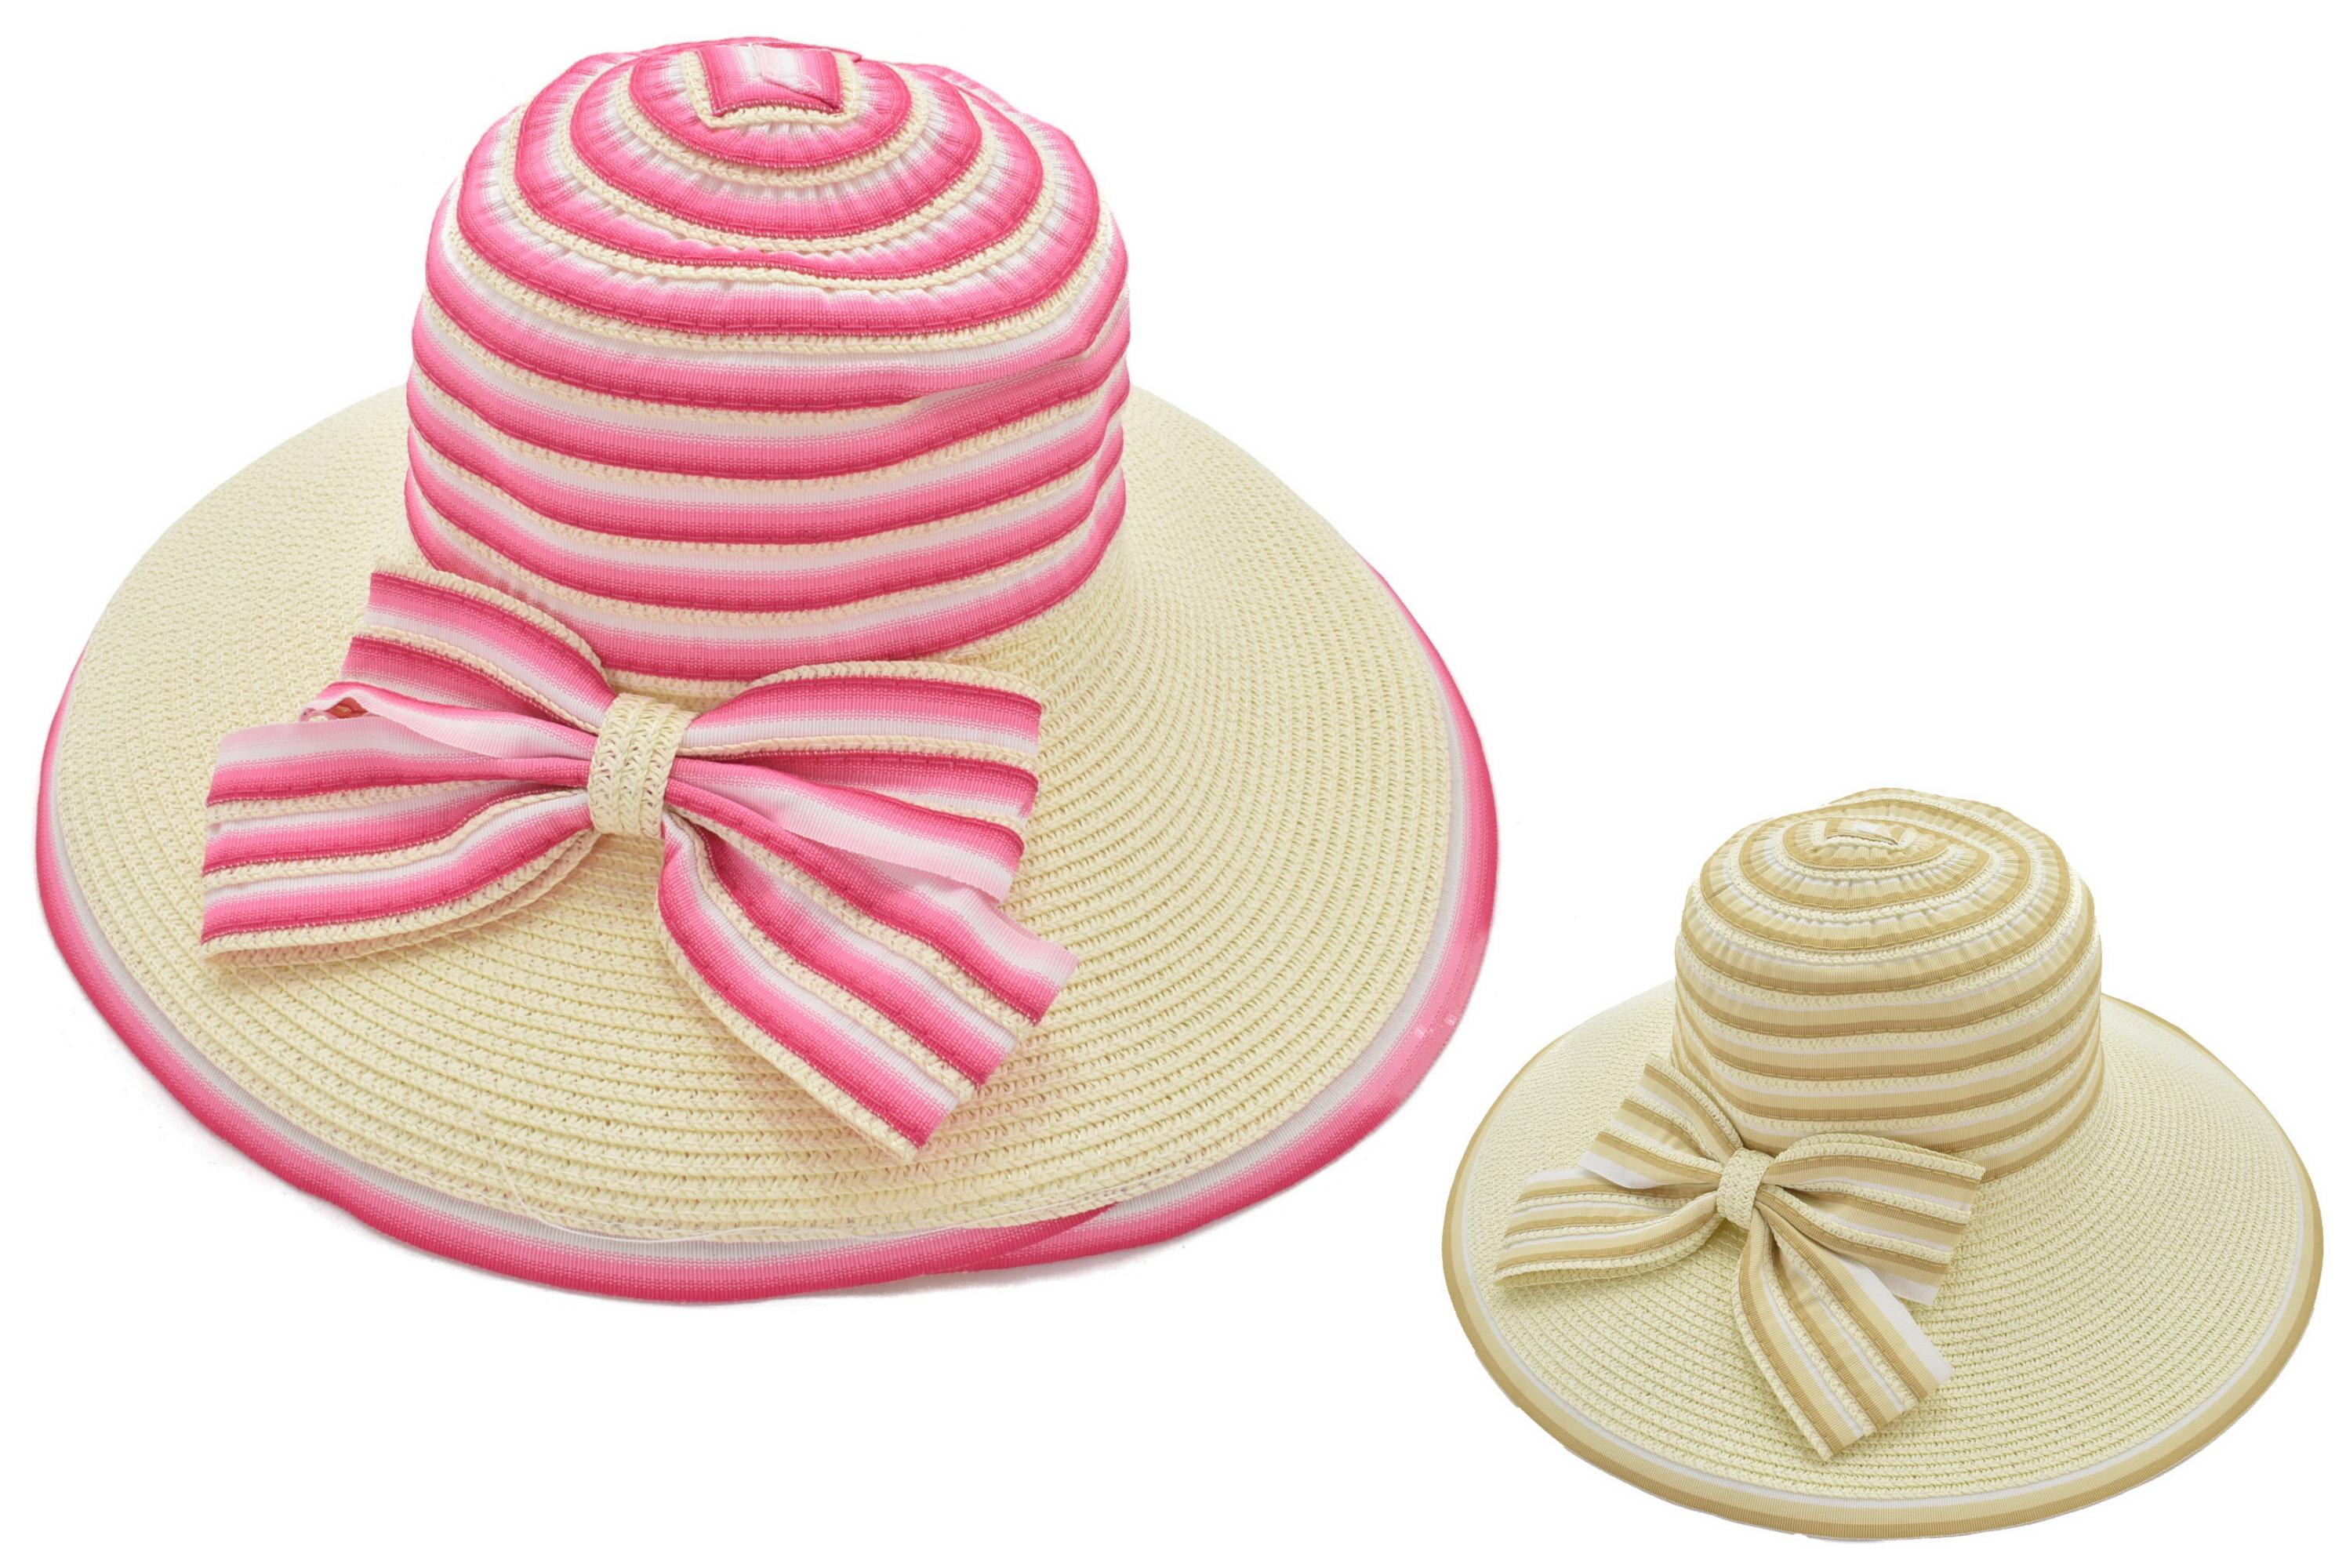 Ladies Wide Brim Fashion Floppy Hat Striped Box 2 Asst